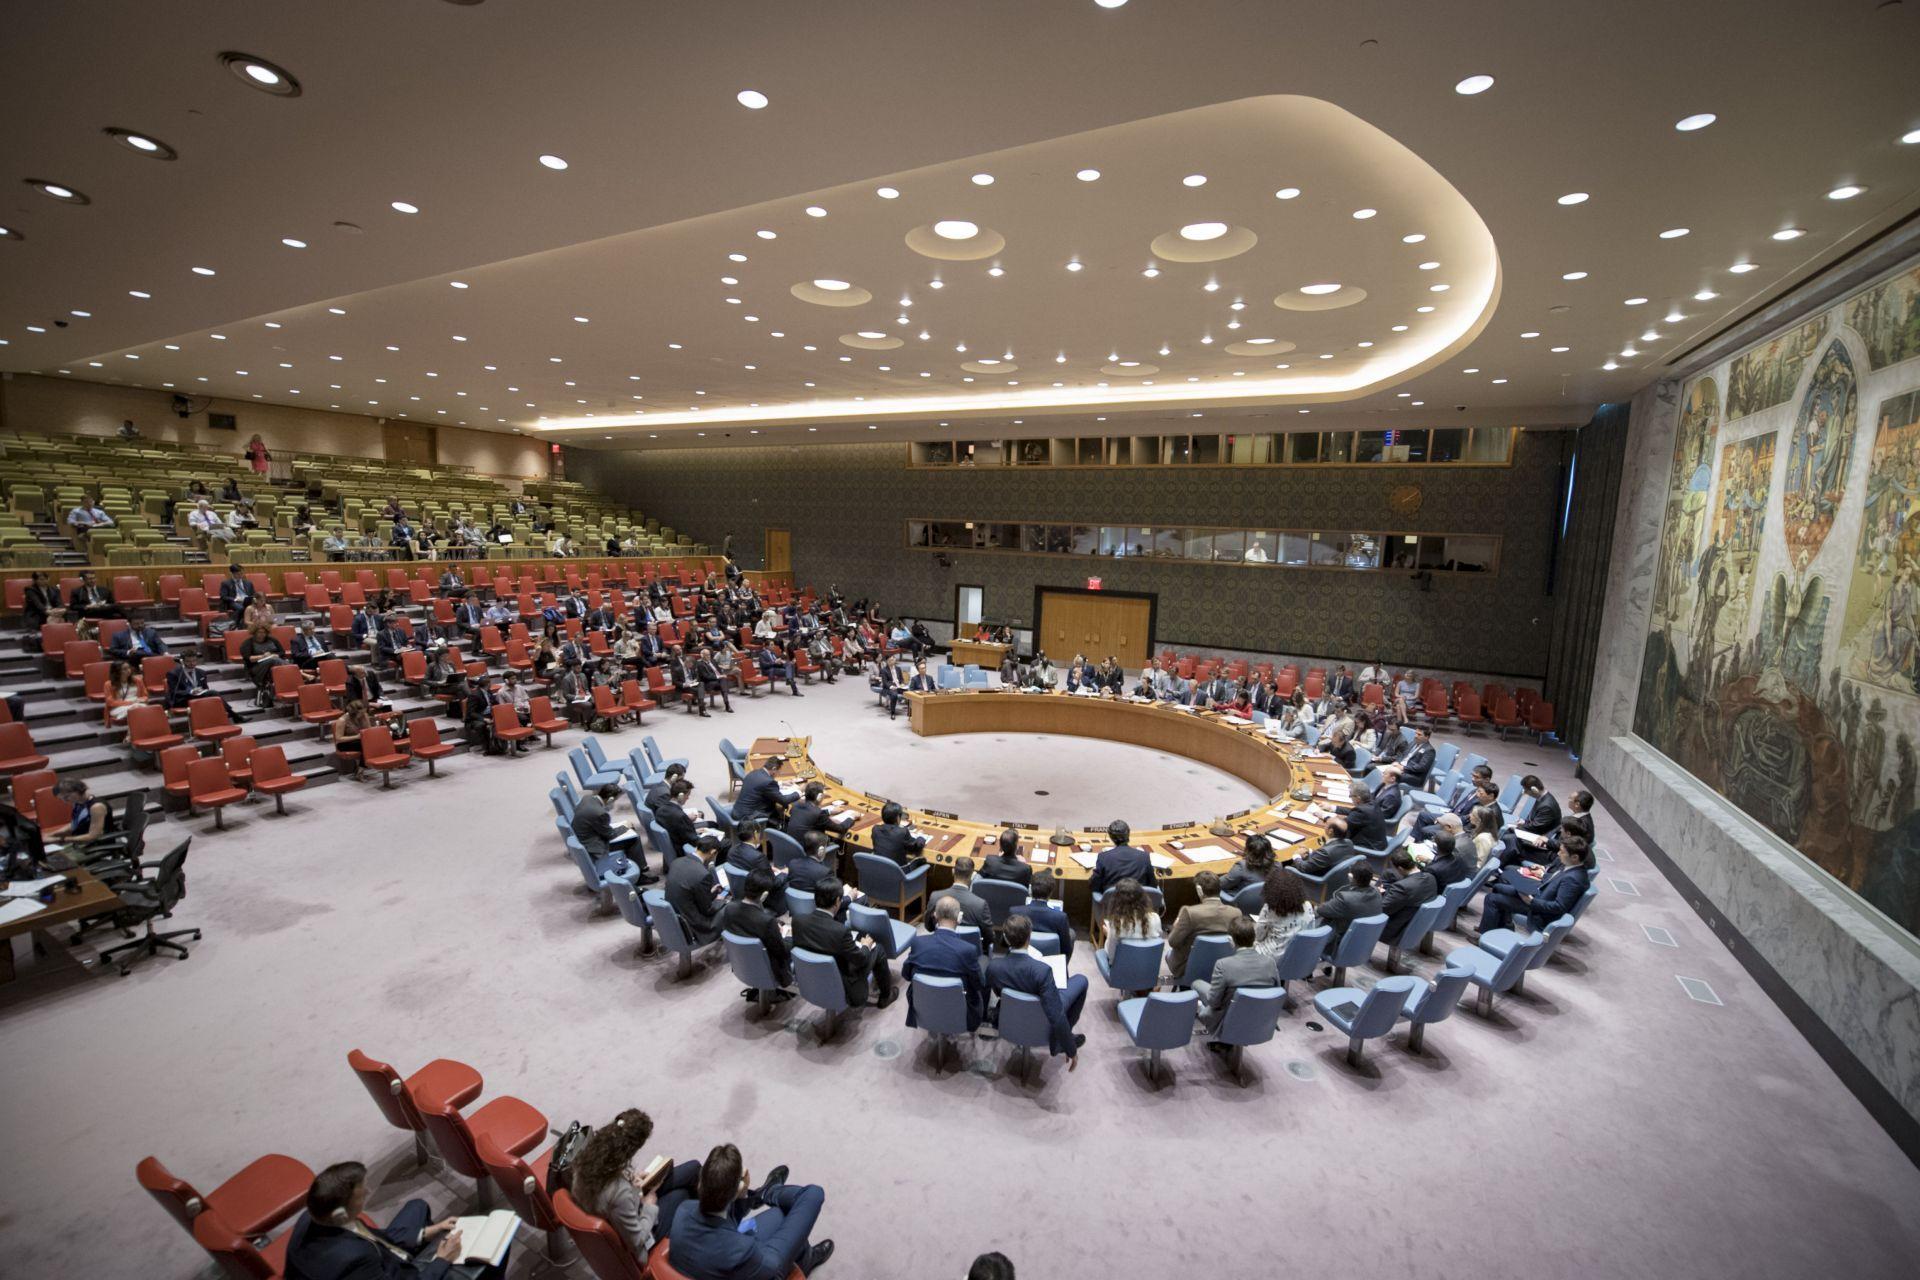 EE.UU. PRESENTARÁ EN LA ONU RESOLUCIÓN PARA ENDURECER SANCIONES A COREA DEL NORTE